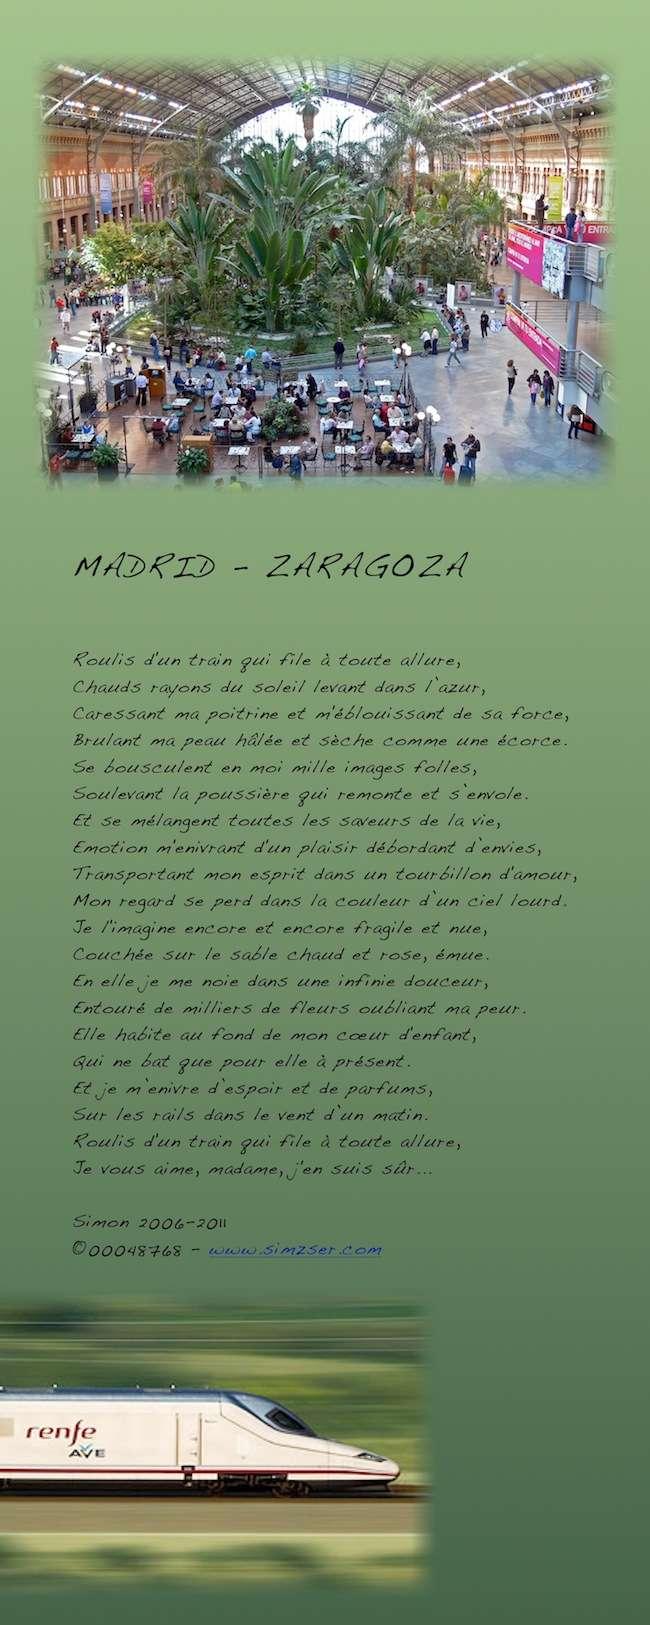 http://img821.imageshack.us/img821/7386/madridap.jpg